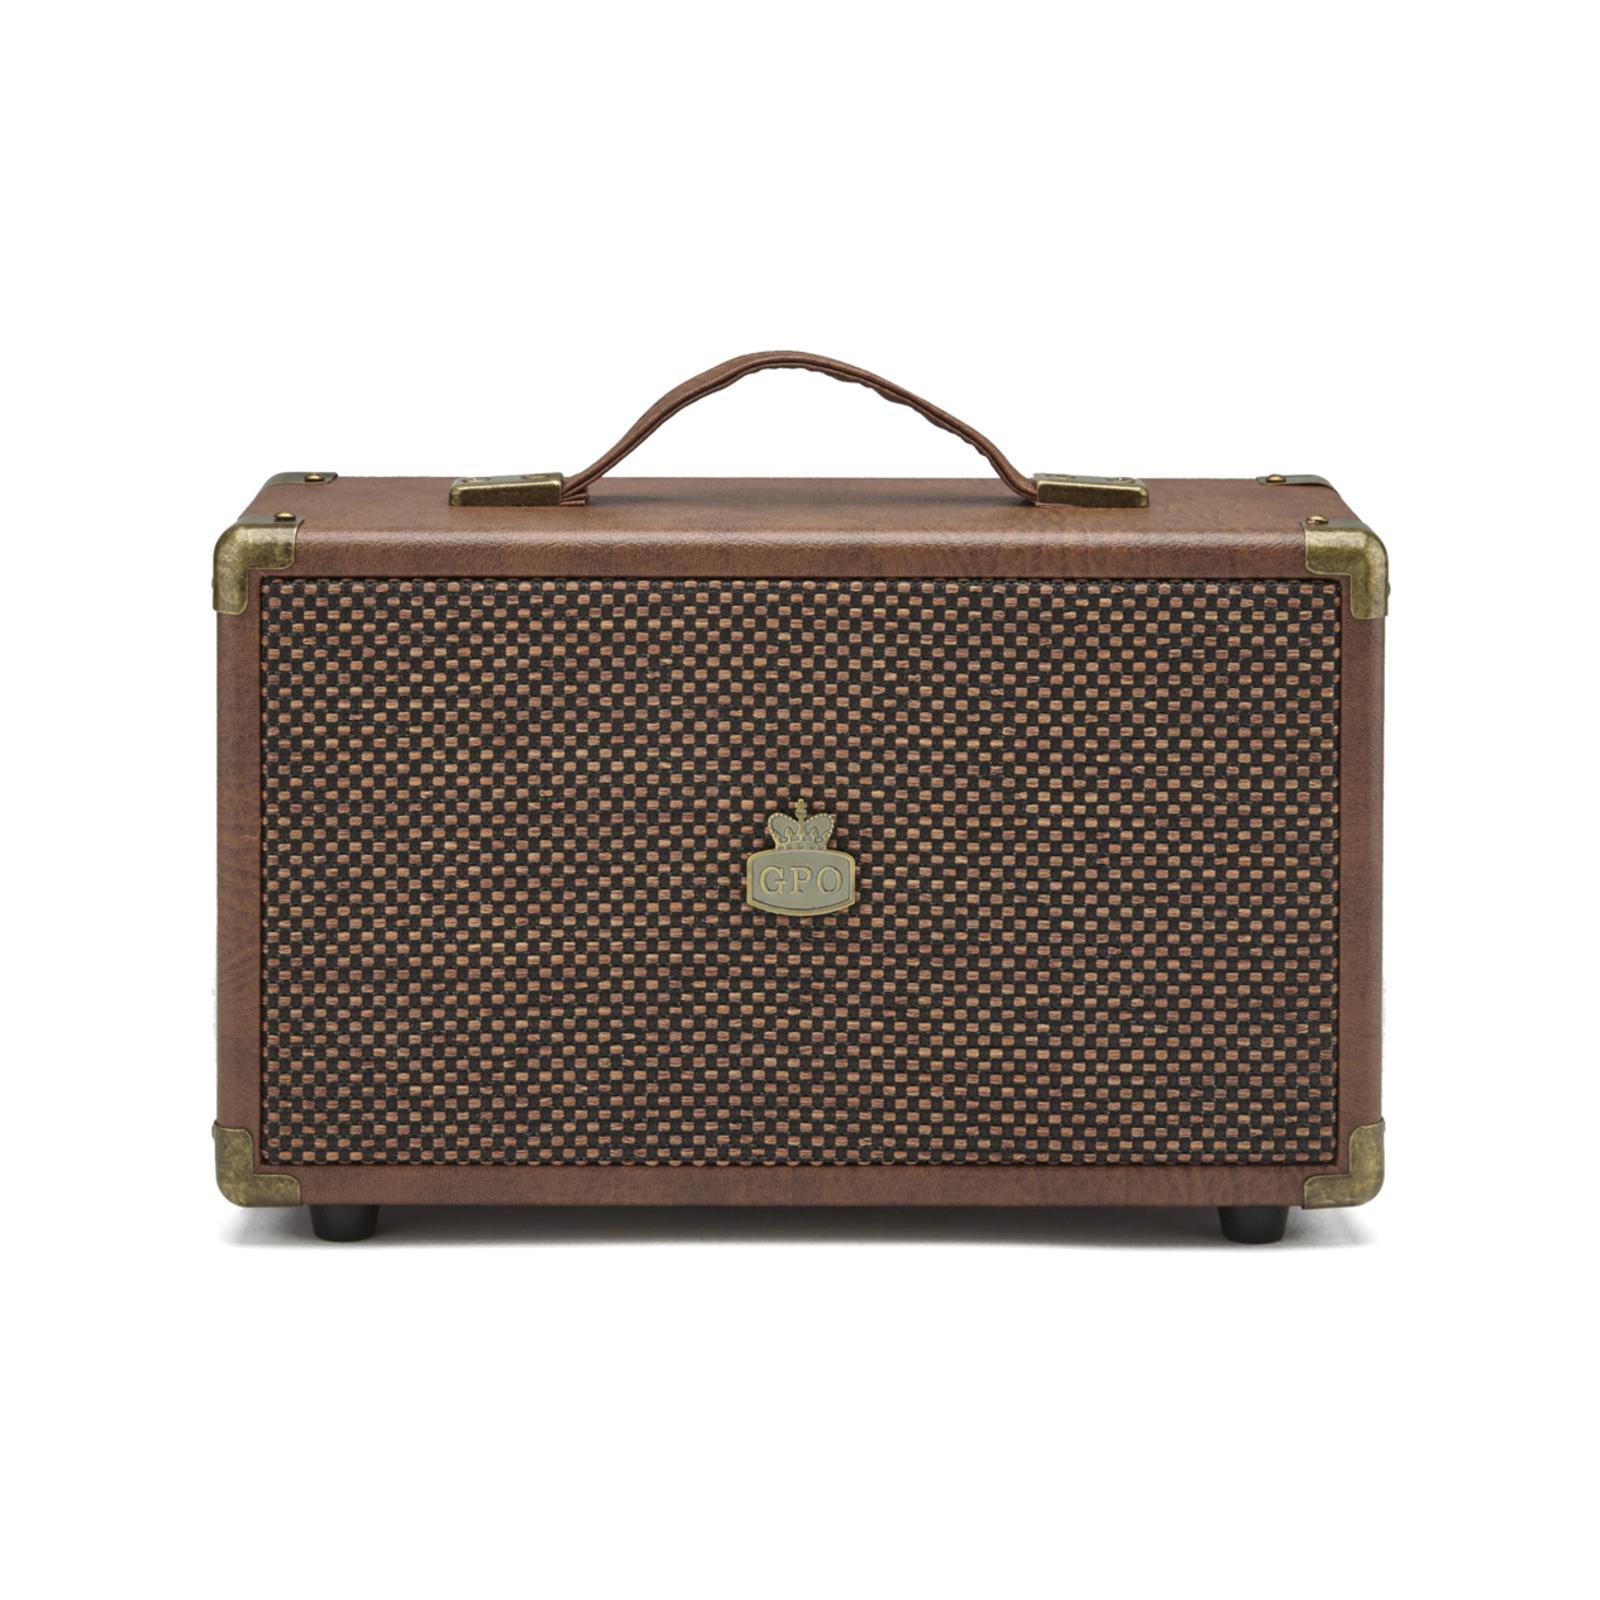 GPO WESTWOOD Bluetooth Speaker - BROWN